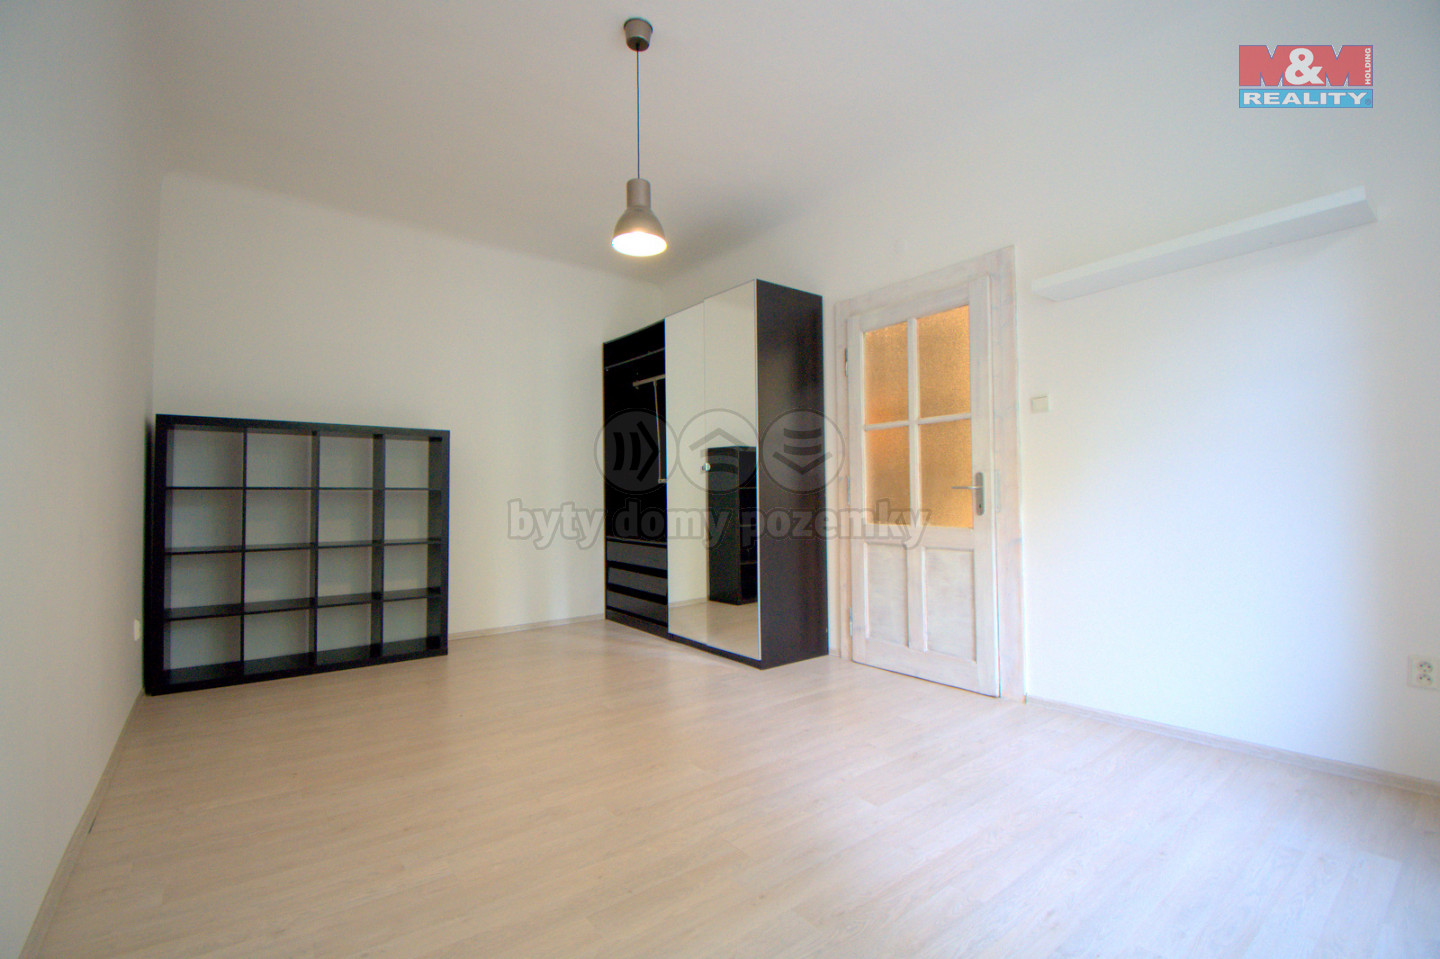 Prodej bytu 2+kk, 45 m², Praha, ul. Nemocniční